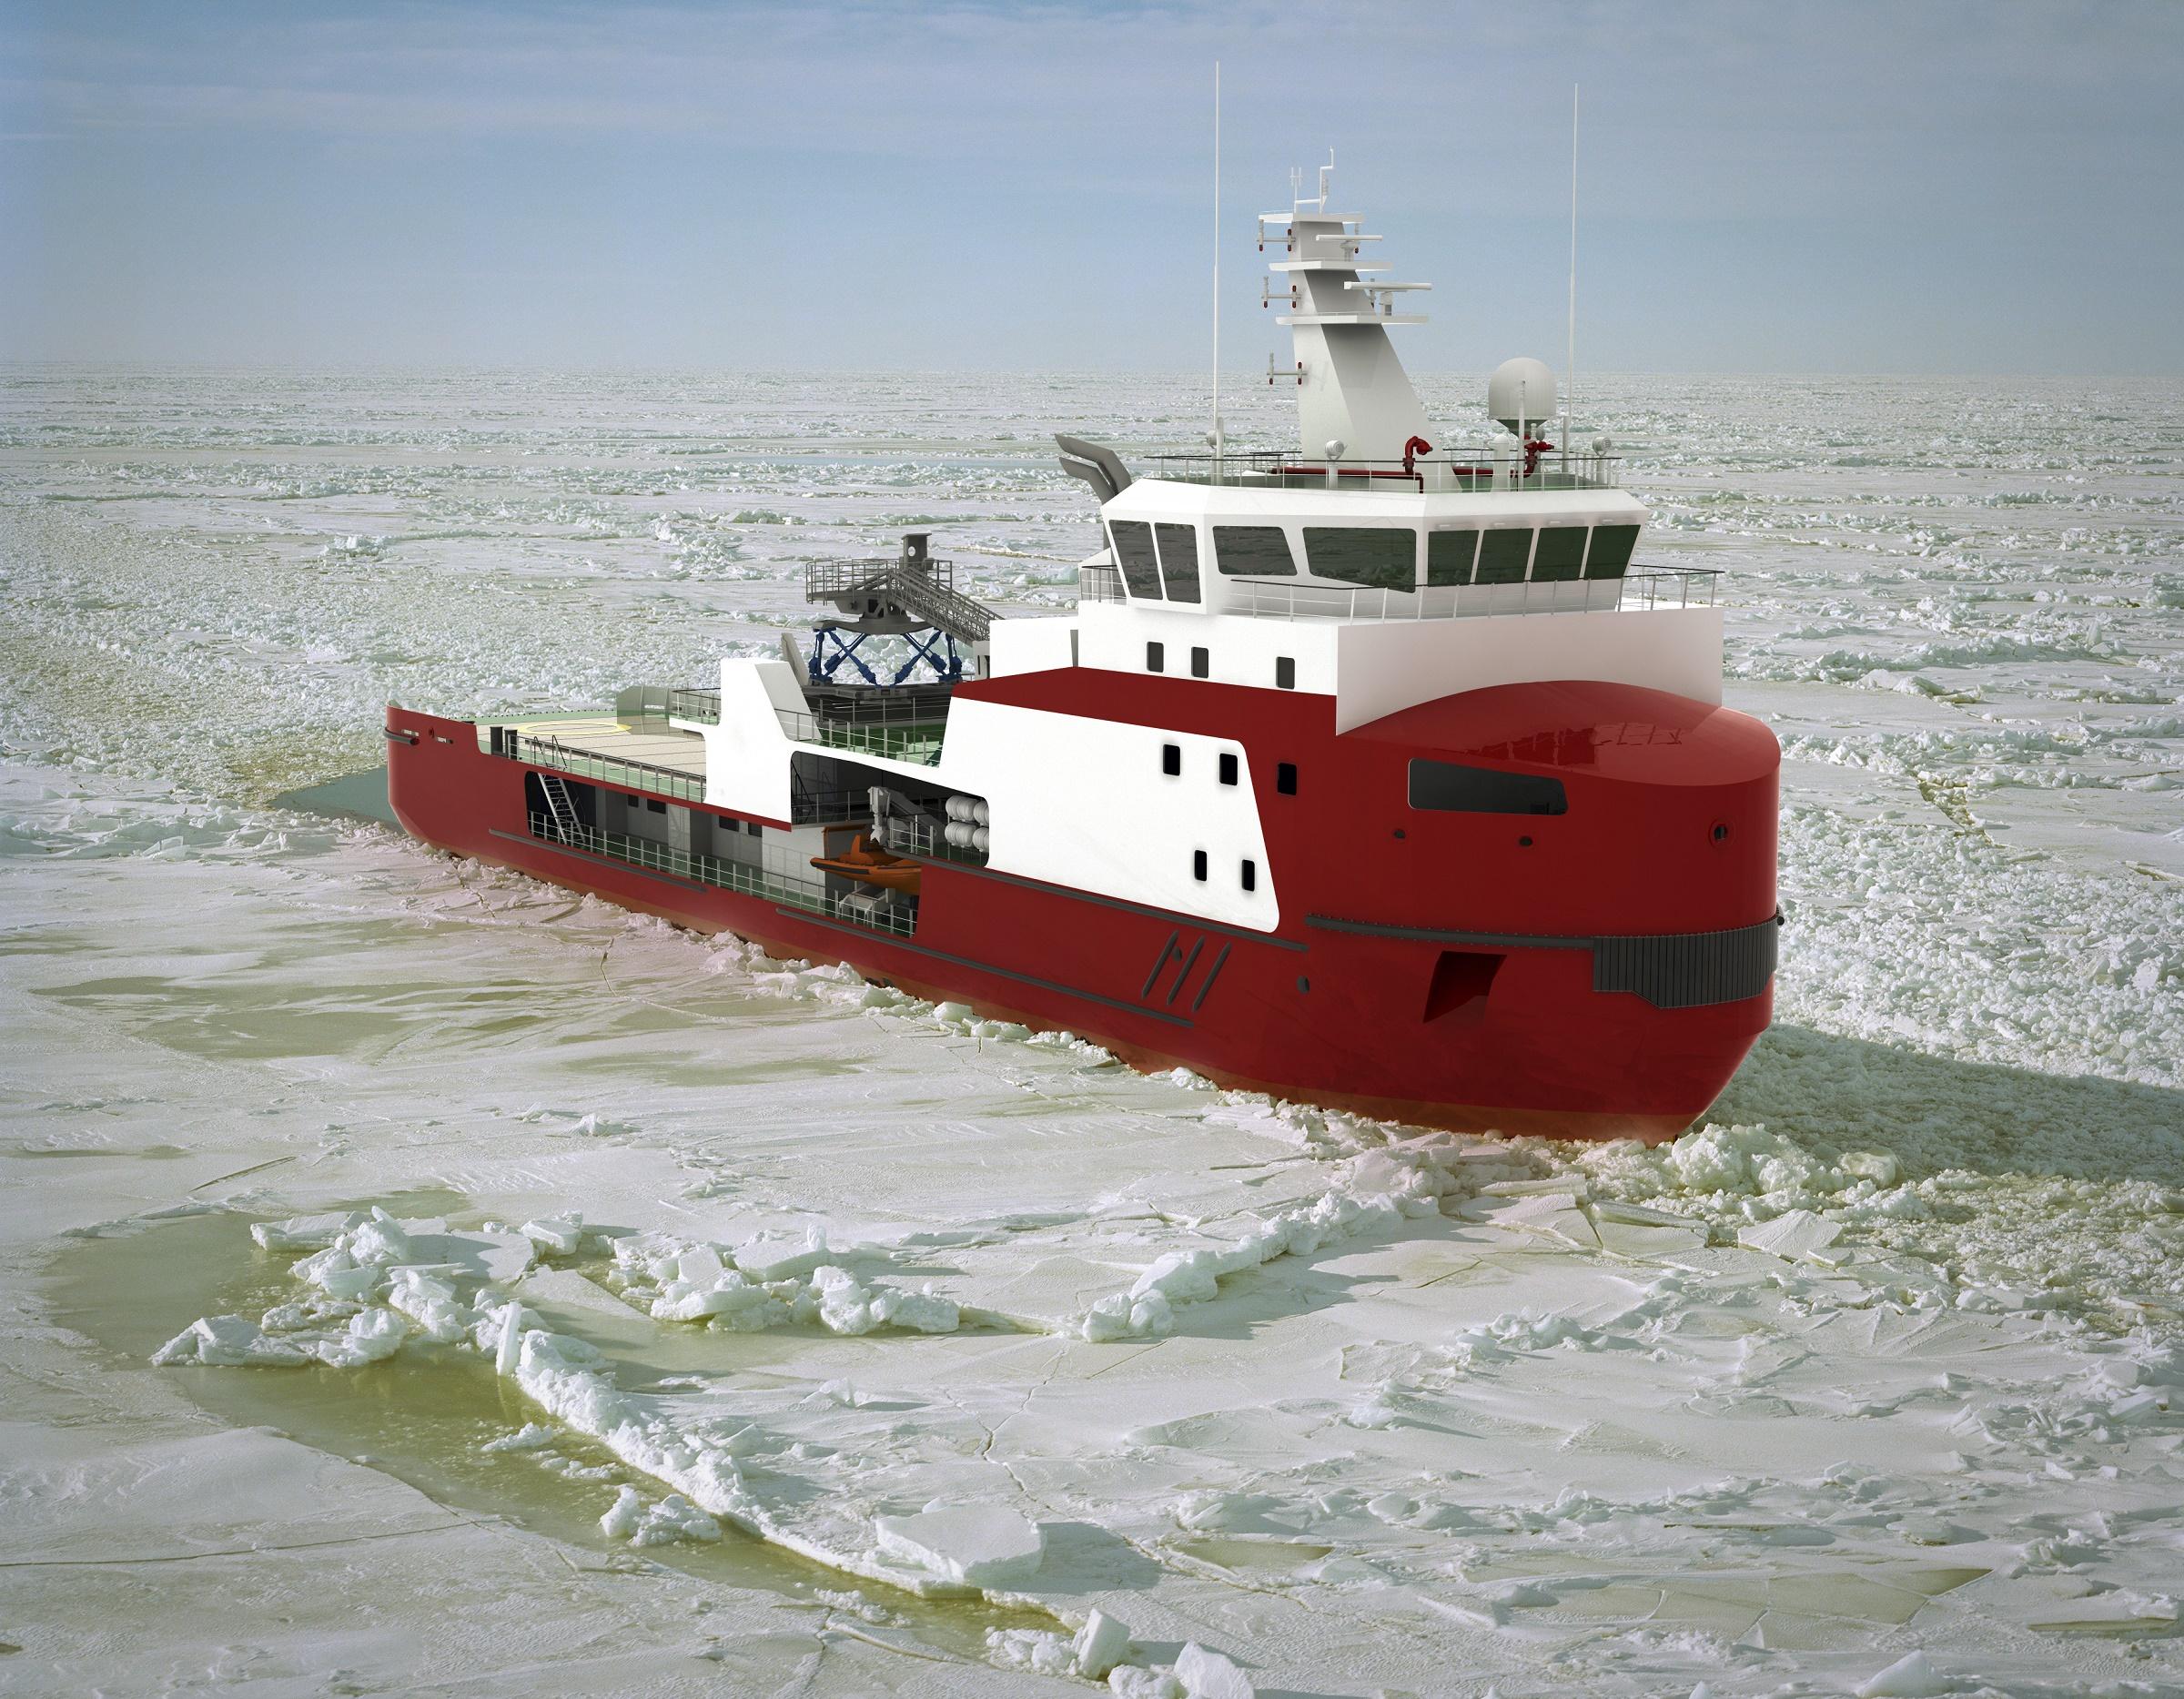 Niestern Sander lays keel on shallow draft ice breaking walk to work vessel